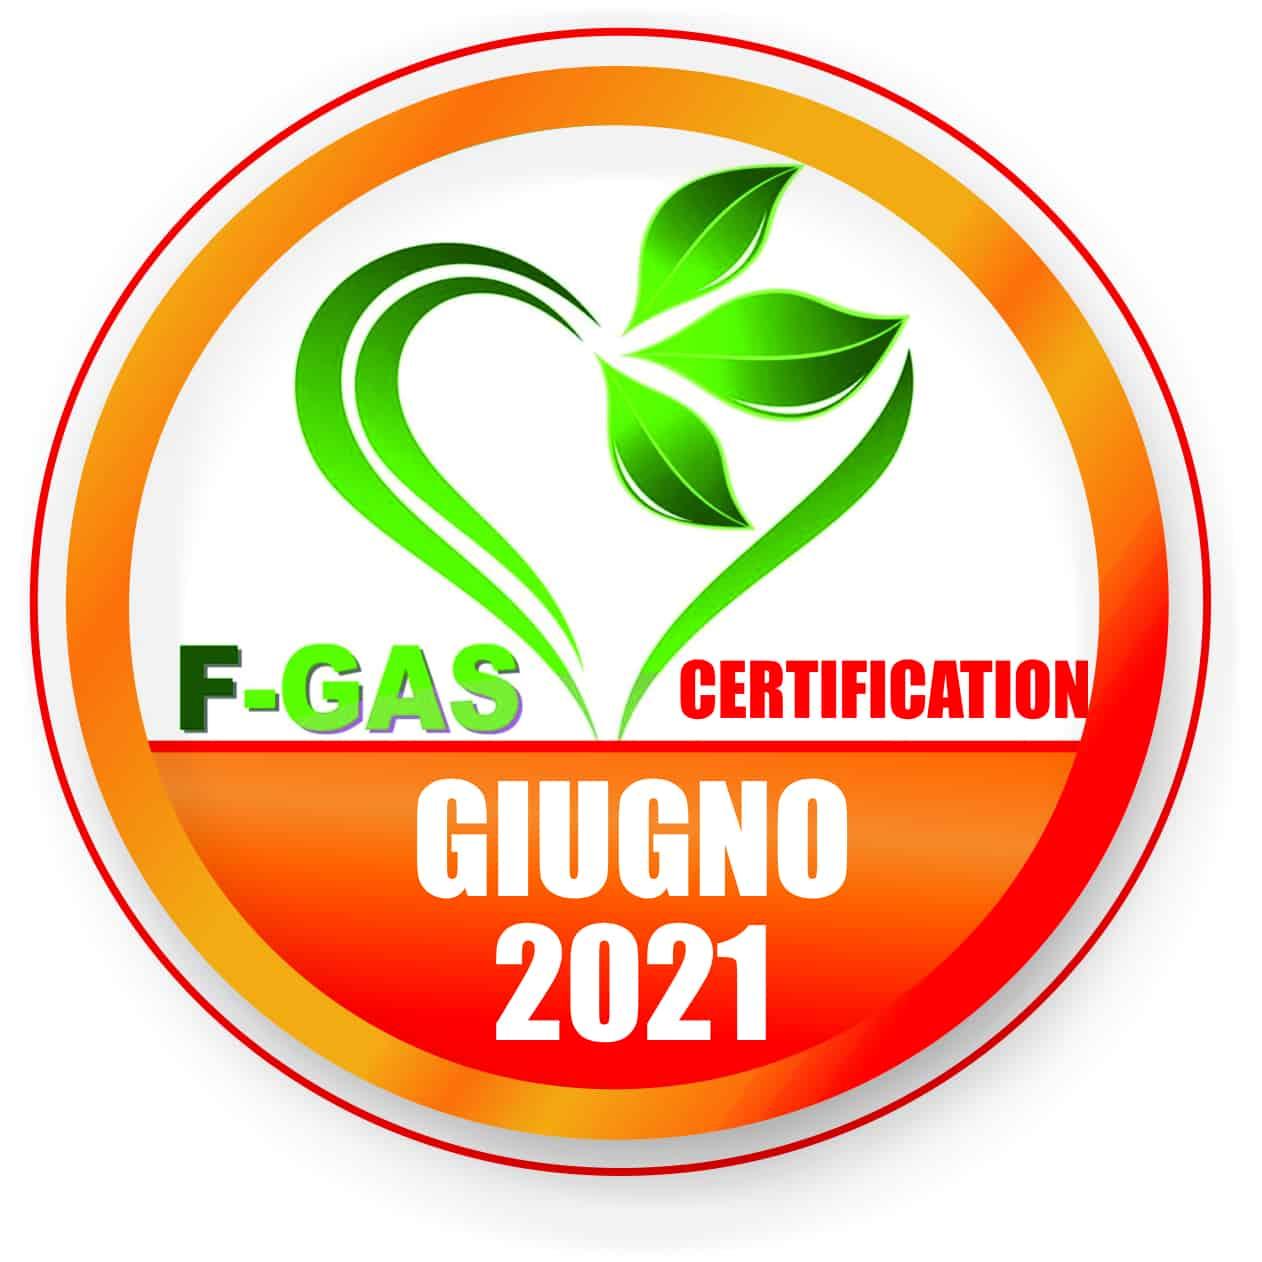 Il patentino F-GAS di Giugno | Elettrogruppo ZeroUno | Beinasco | TO | 2021 | immagine principale f gas